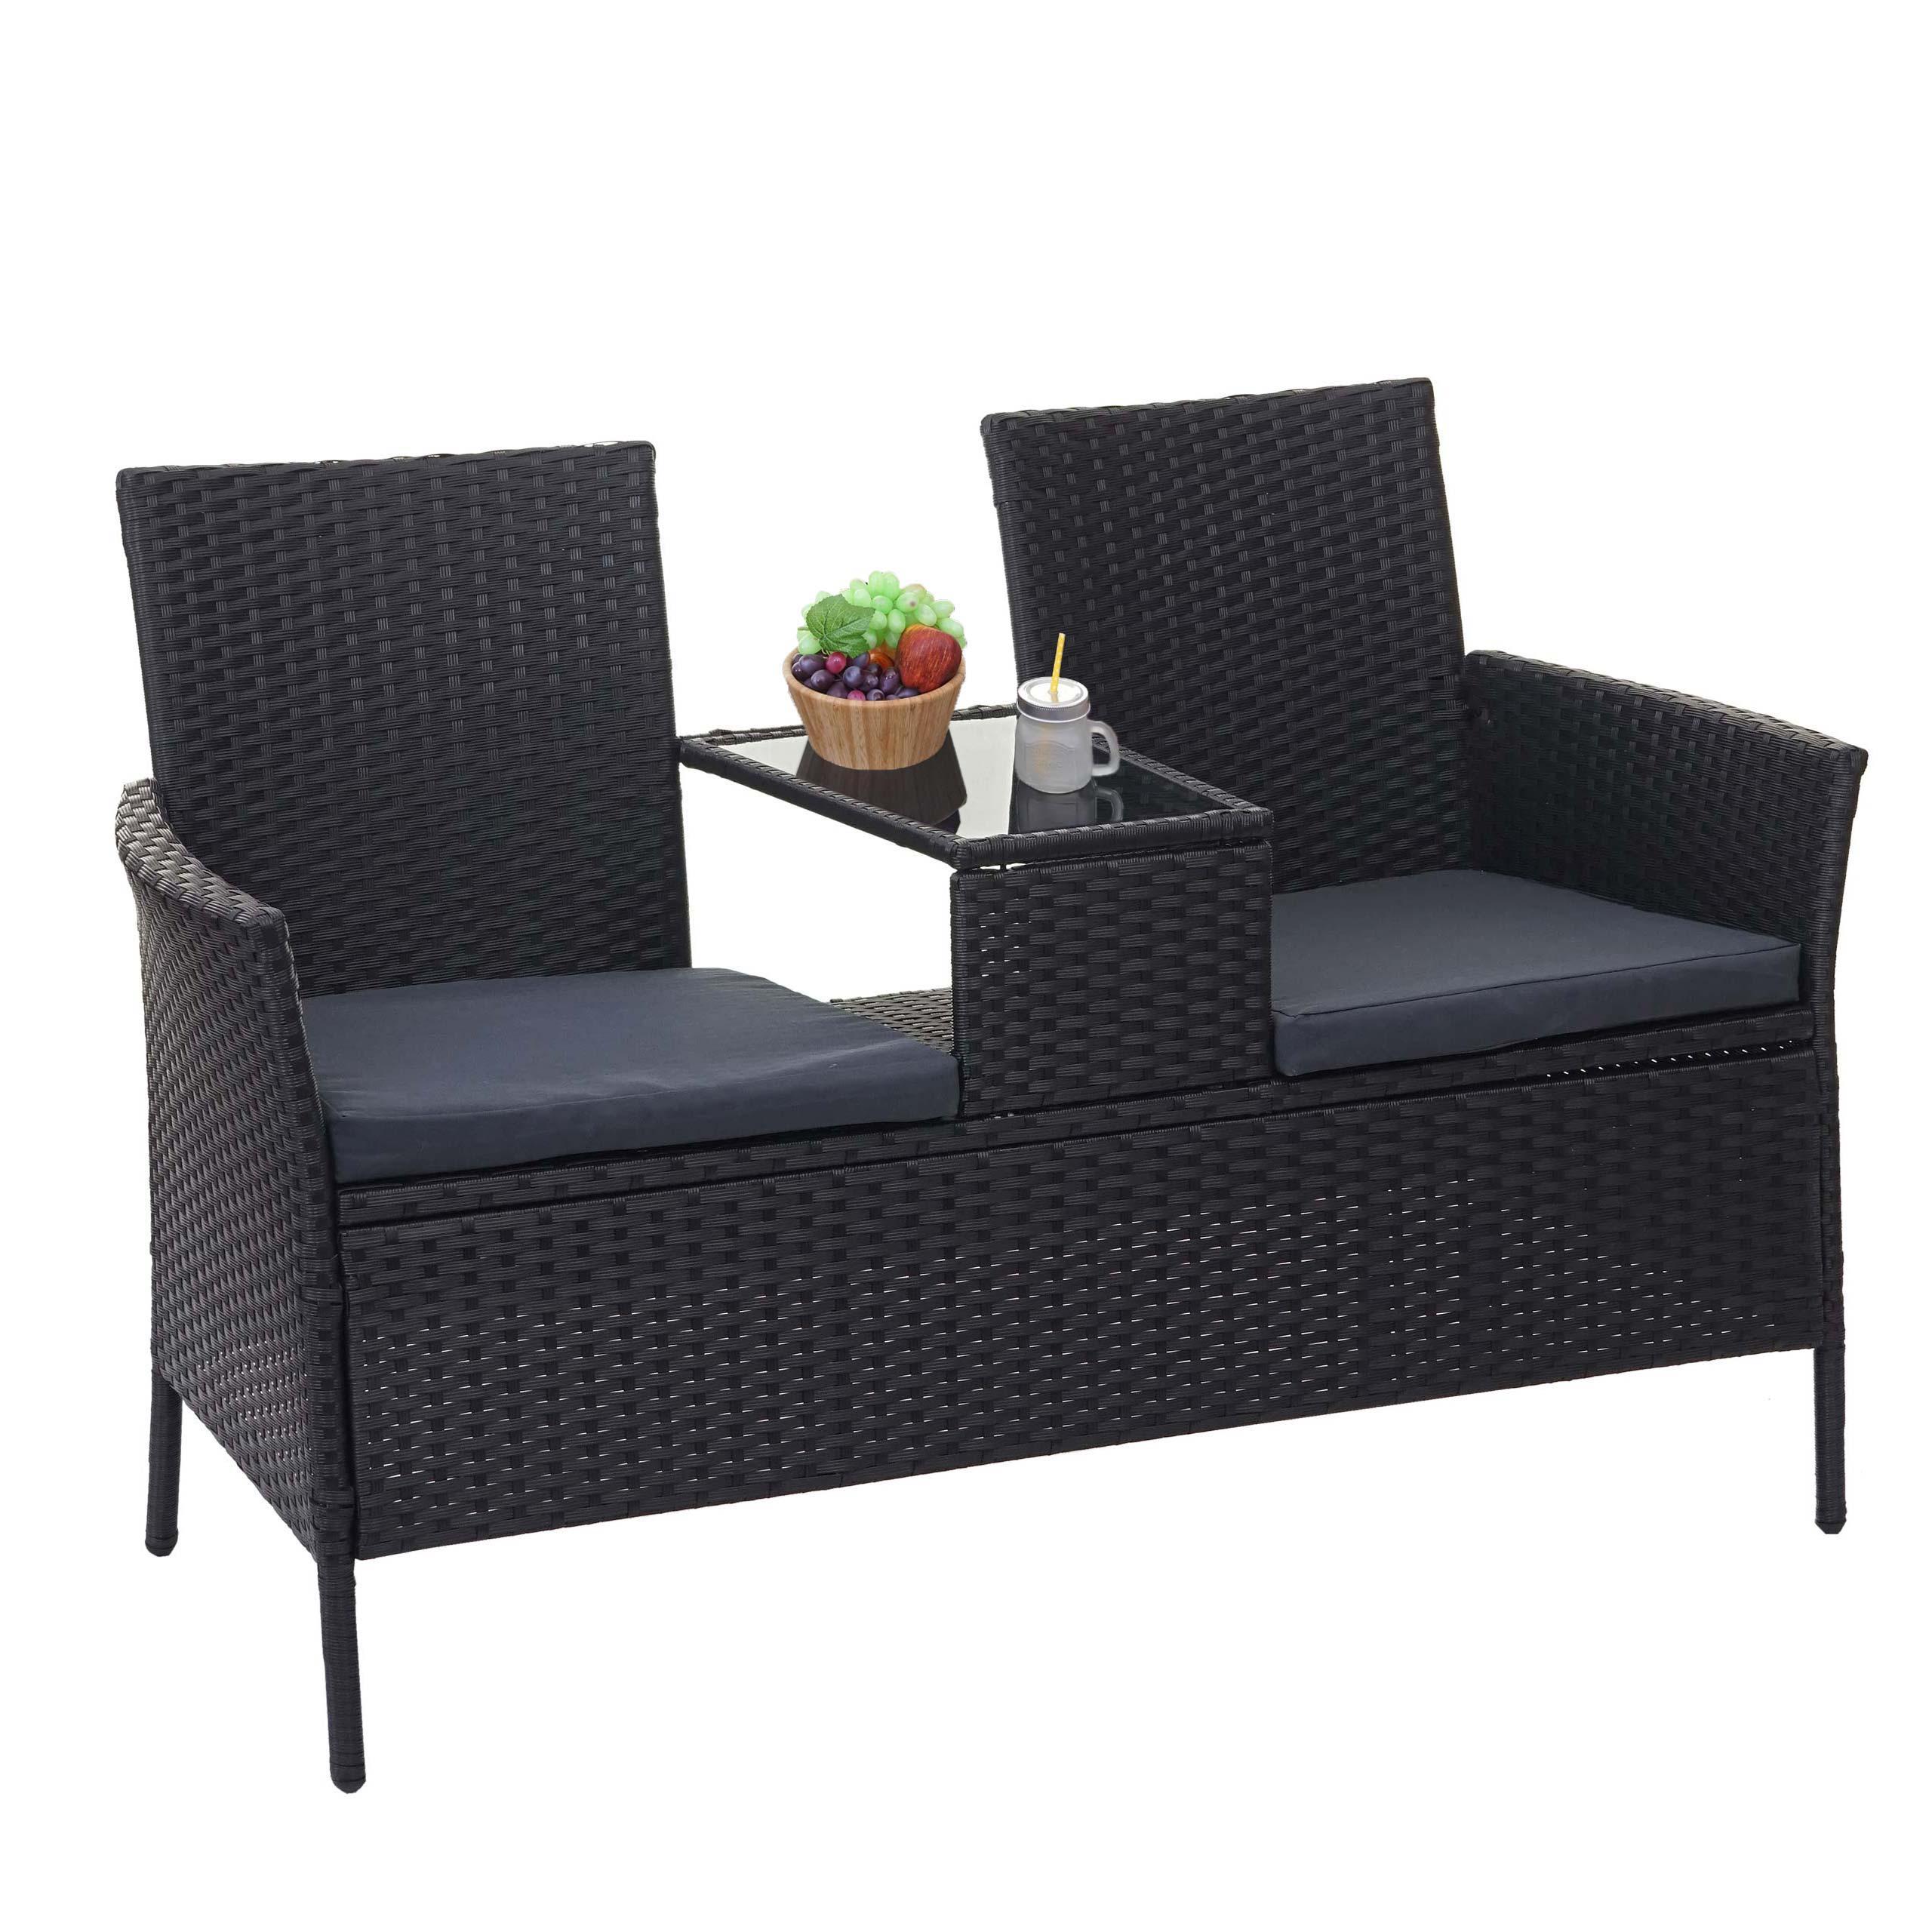 Poly-Rattan Sitzbank mit Tisch HWC-E24, Gartenbank Sitzgruppe Gartenmöbel,  132cm ~ schwarz, Kissen dunkelgrau